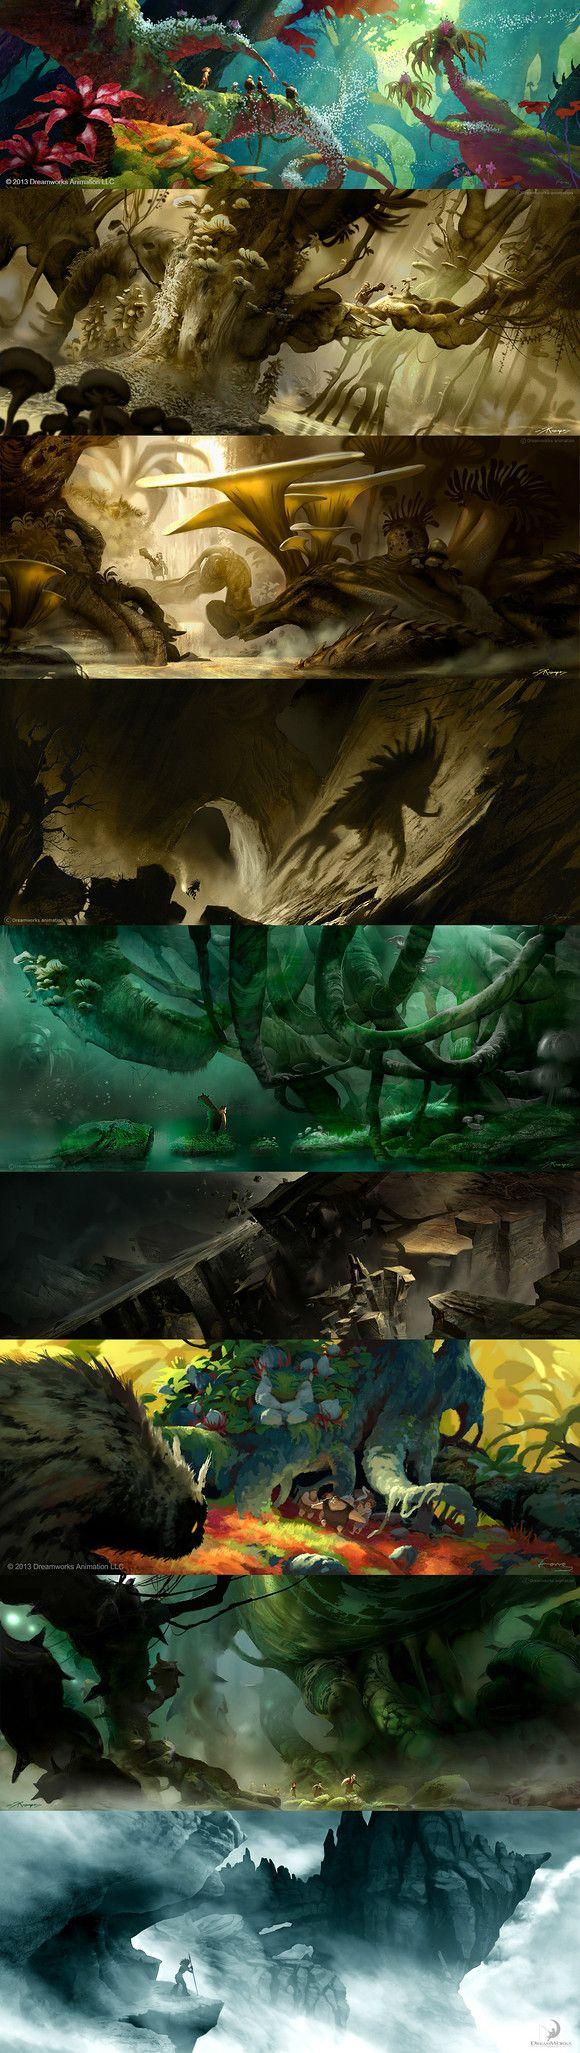 《疯狂原始人》场景概念设定 - sunmint采集到设定和绘画 - 花瓣